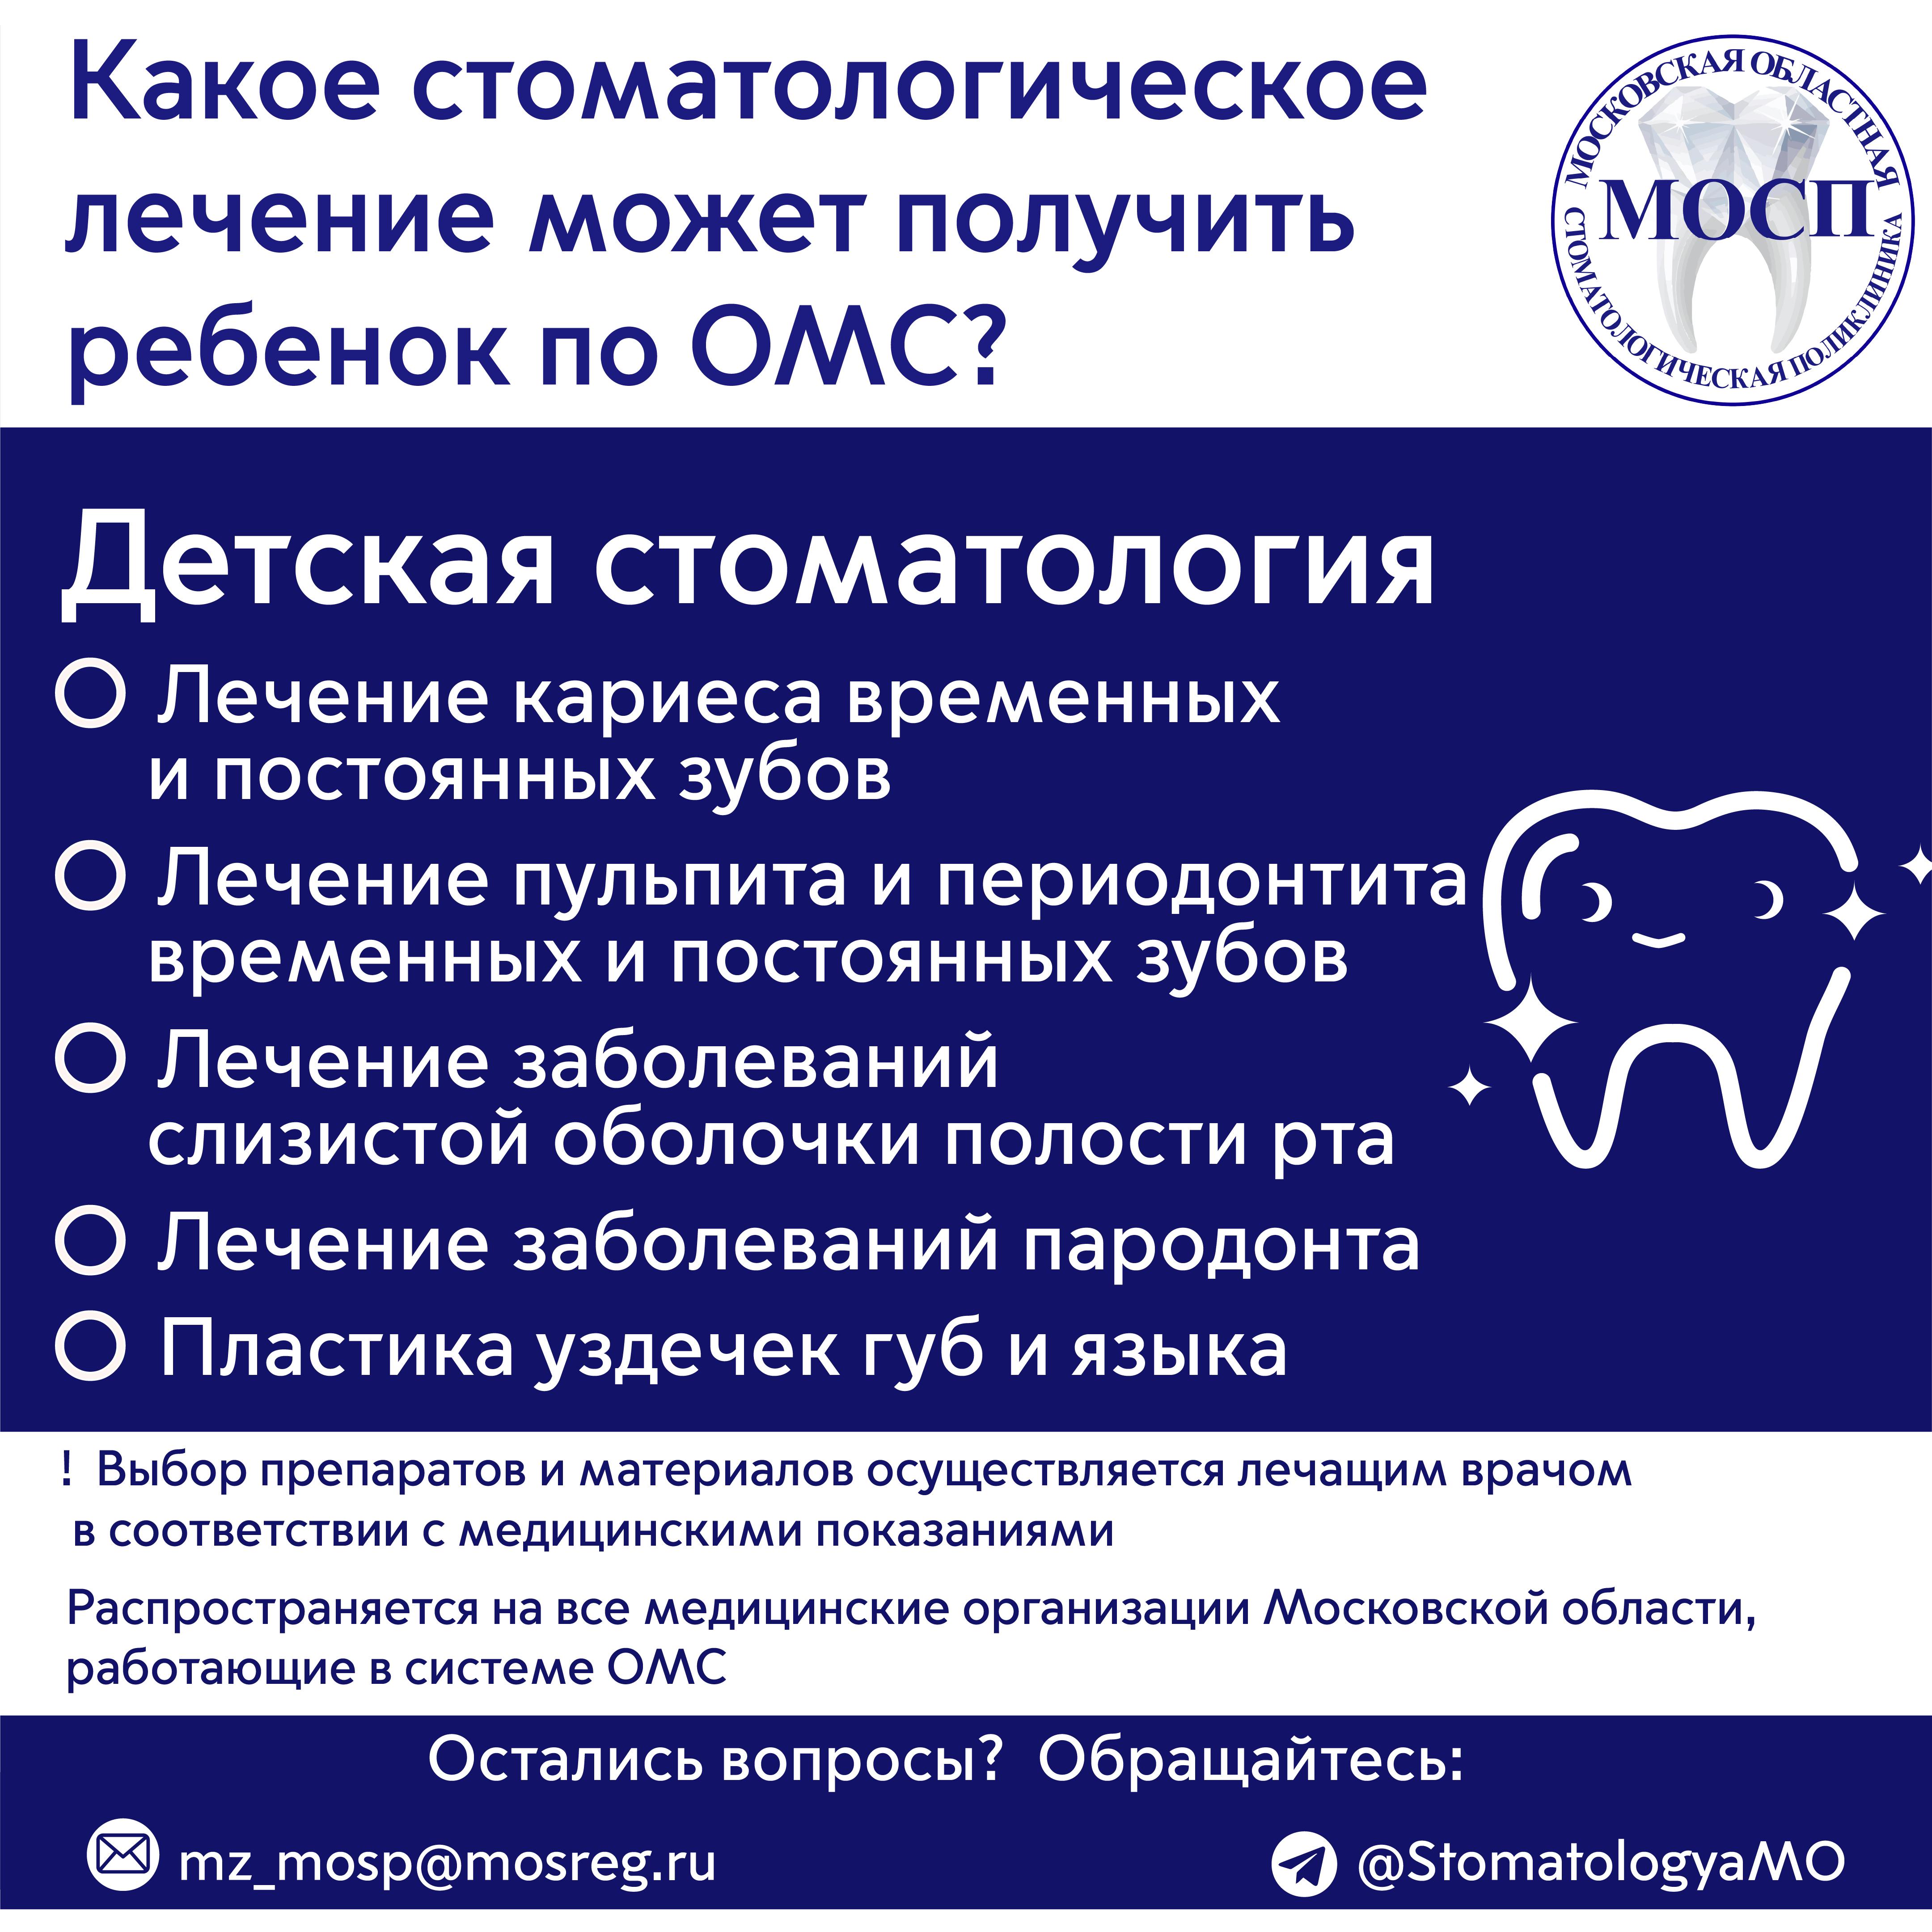 Памятка стоматология ОМС Детство